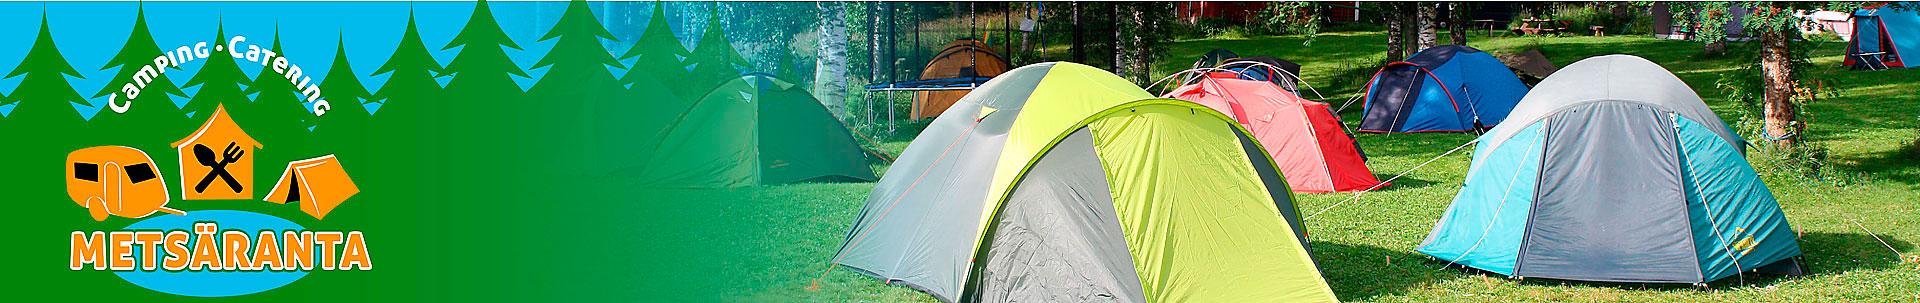 Metsärannan leirintäalue, Jyväskylä